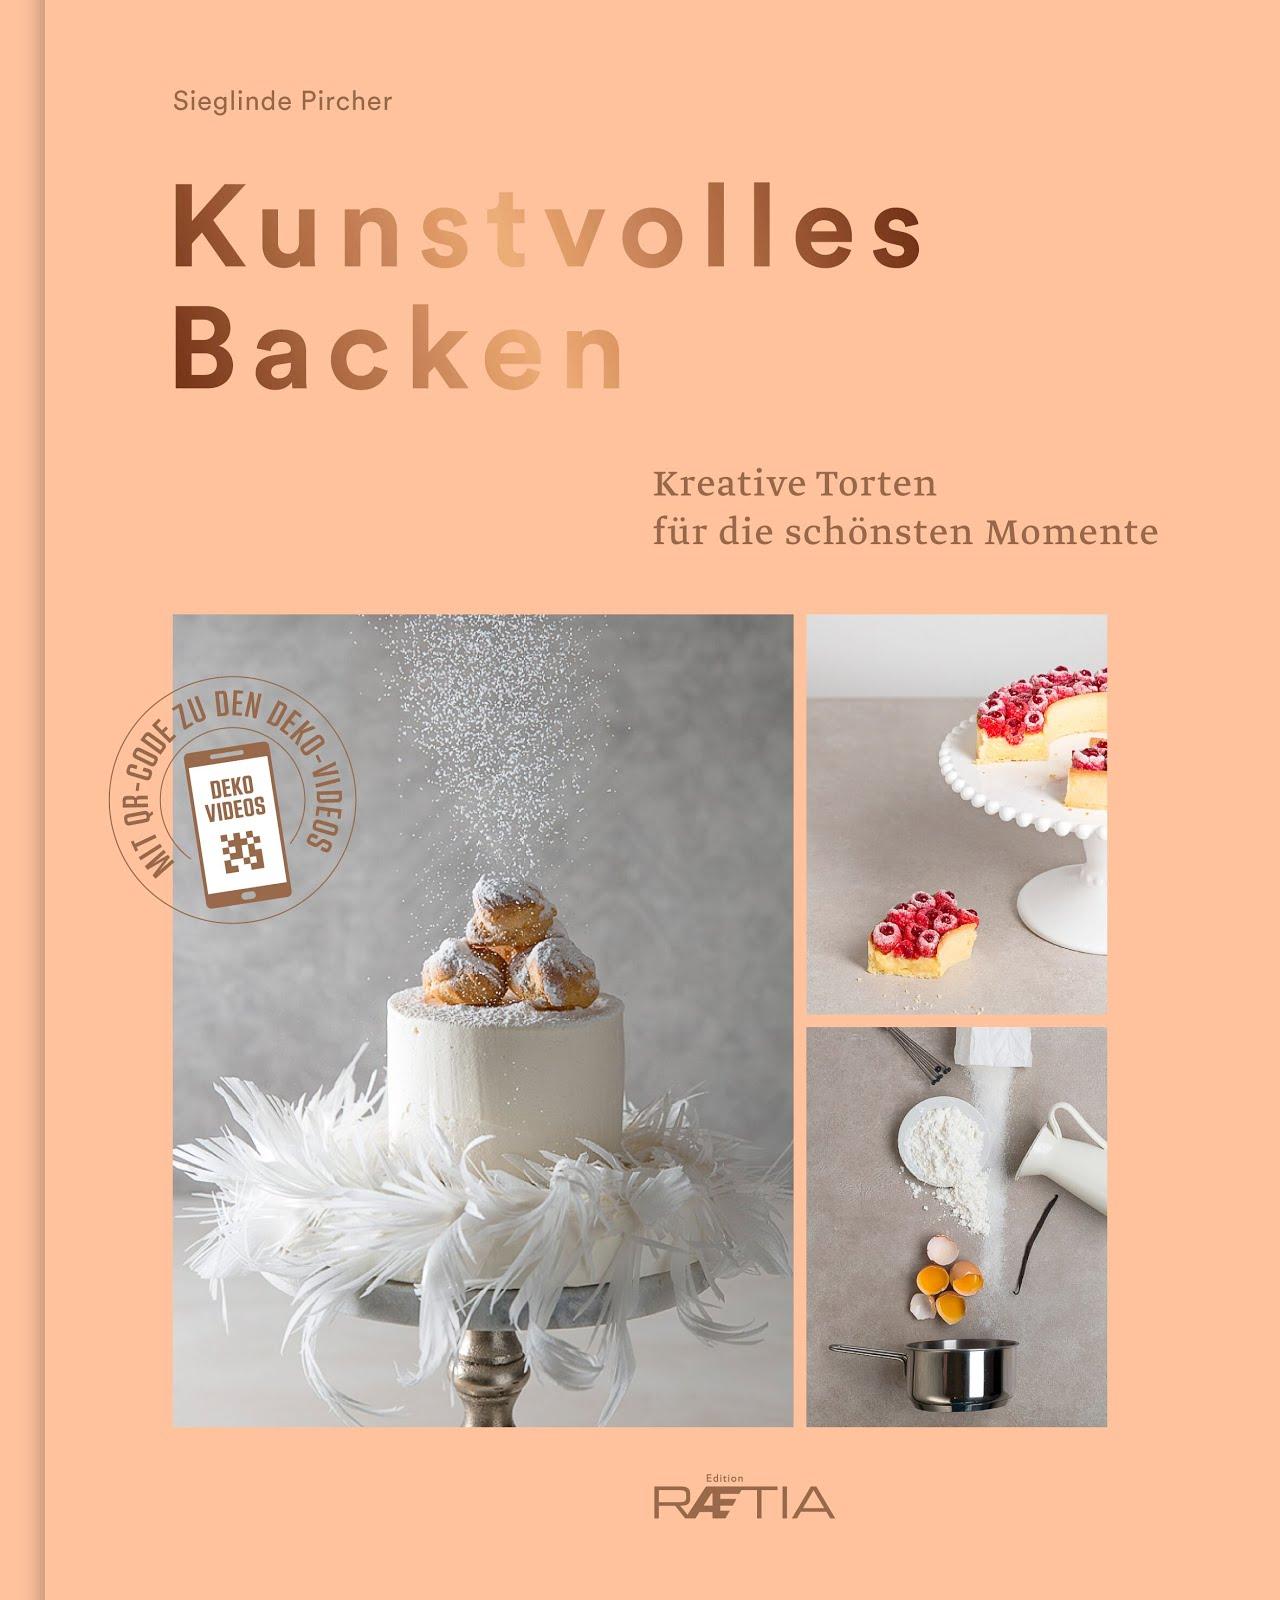 Kunstvolles Backen von Sieglinde Pircher aus dem Raetia Verlag